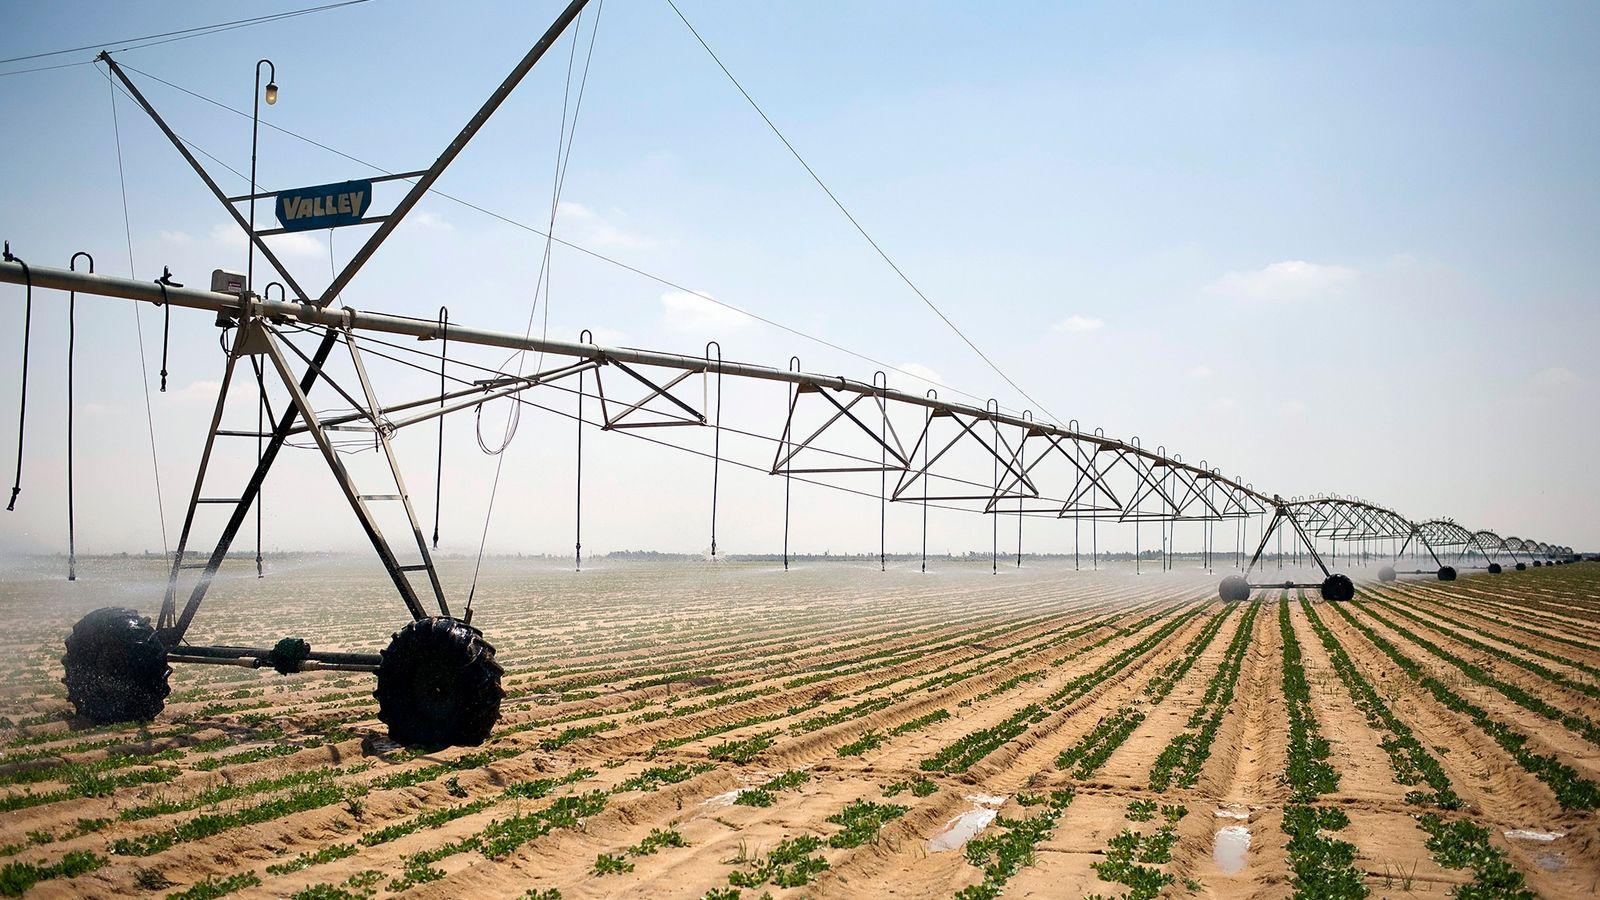 Eine große, automatisierte Bewässerungsanlage bewegt sich langsam über ein Kartoffelfeld in der ägyptischen Wüste.